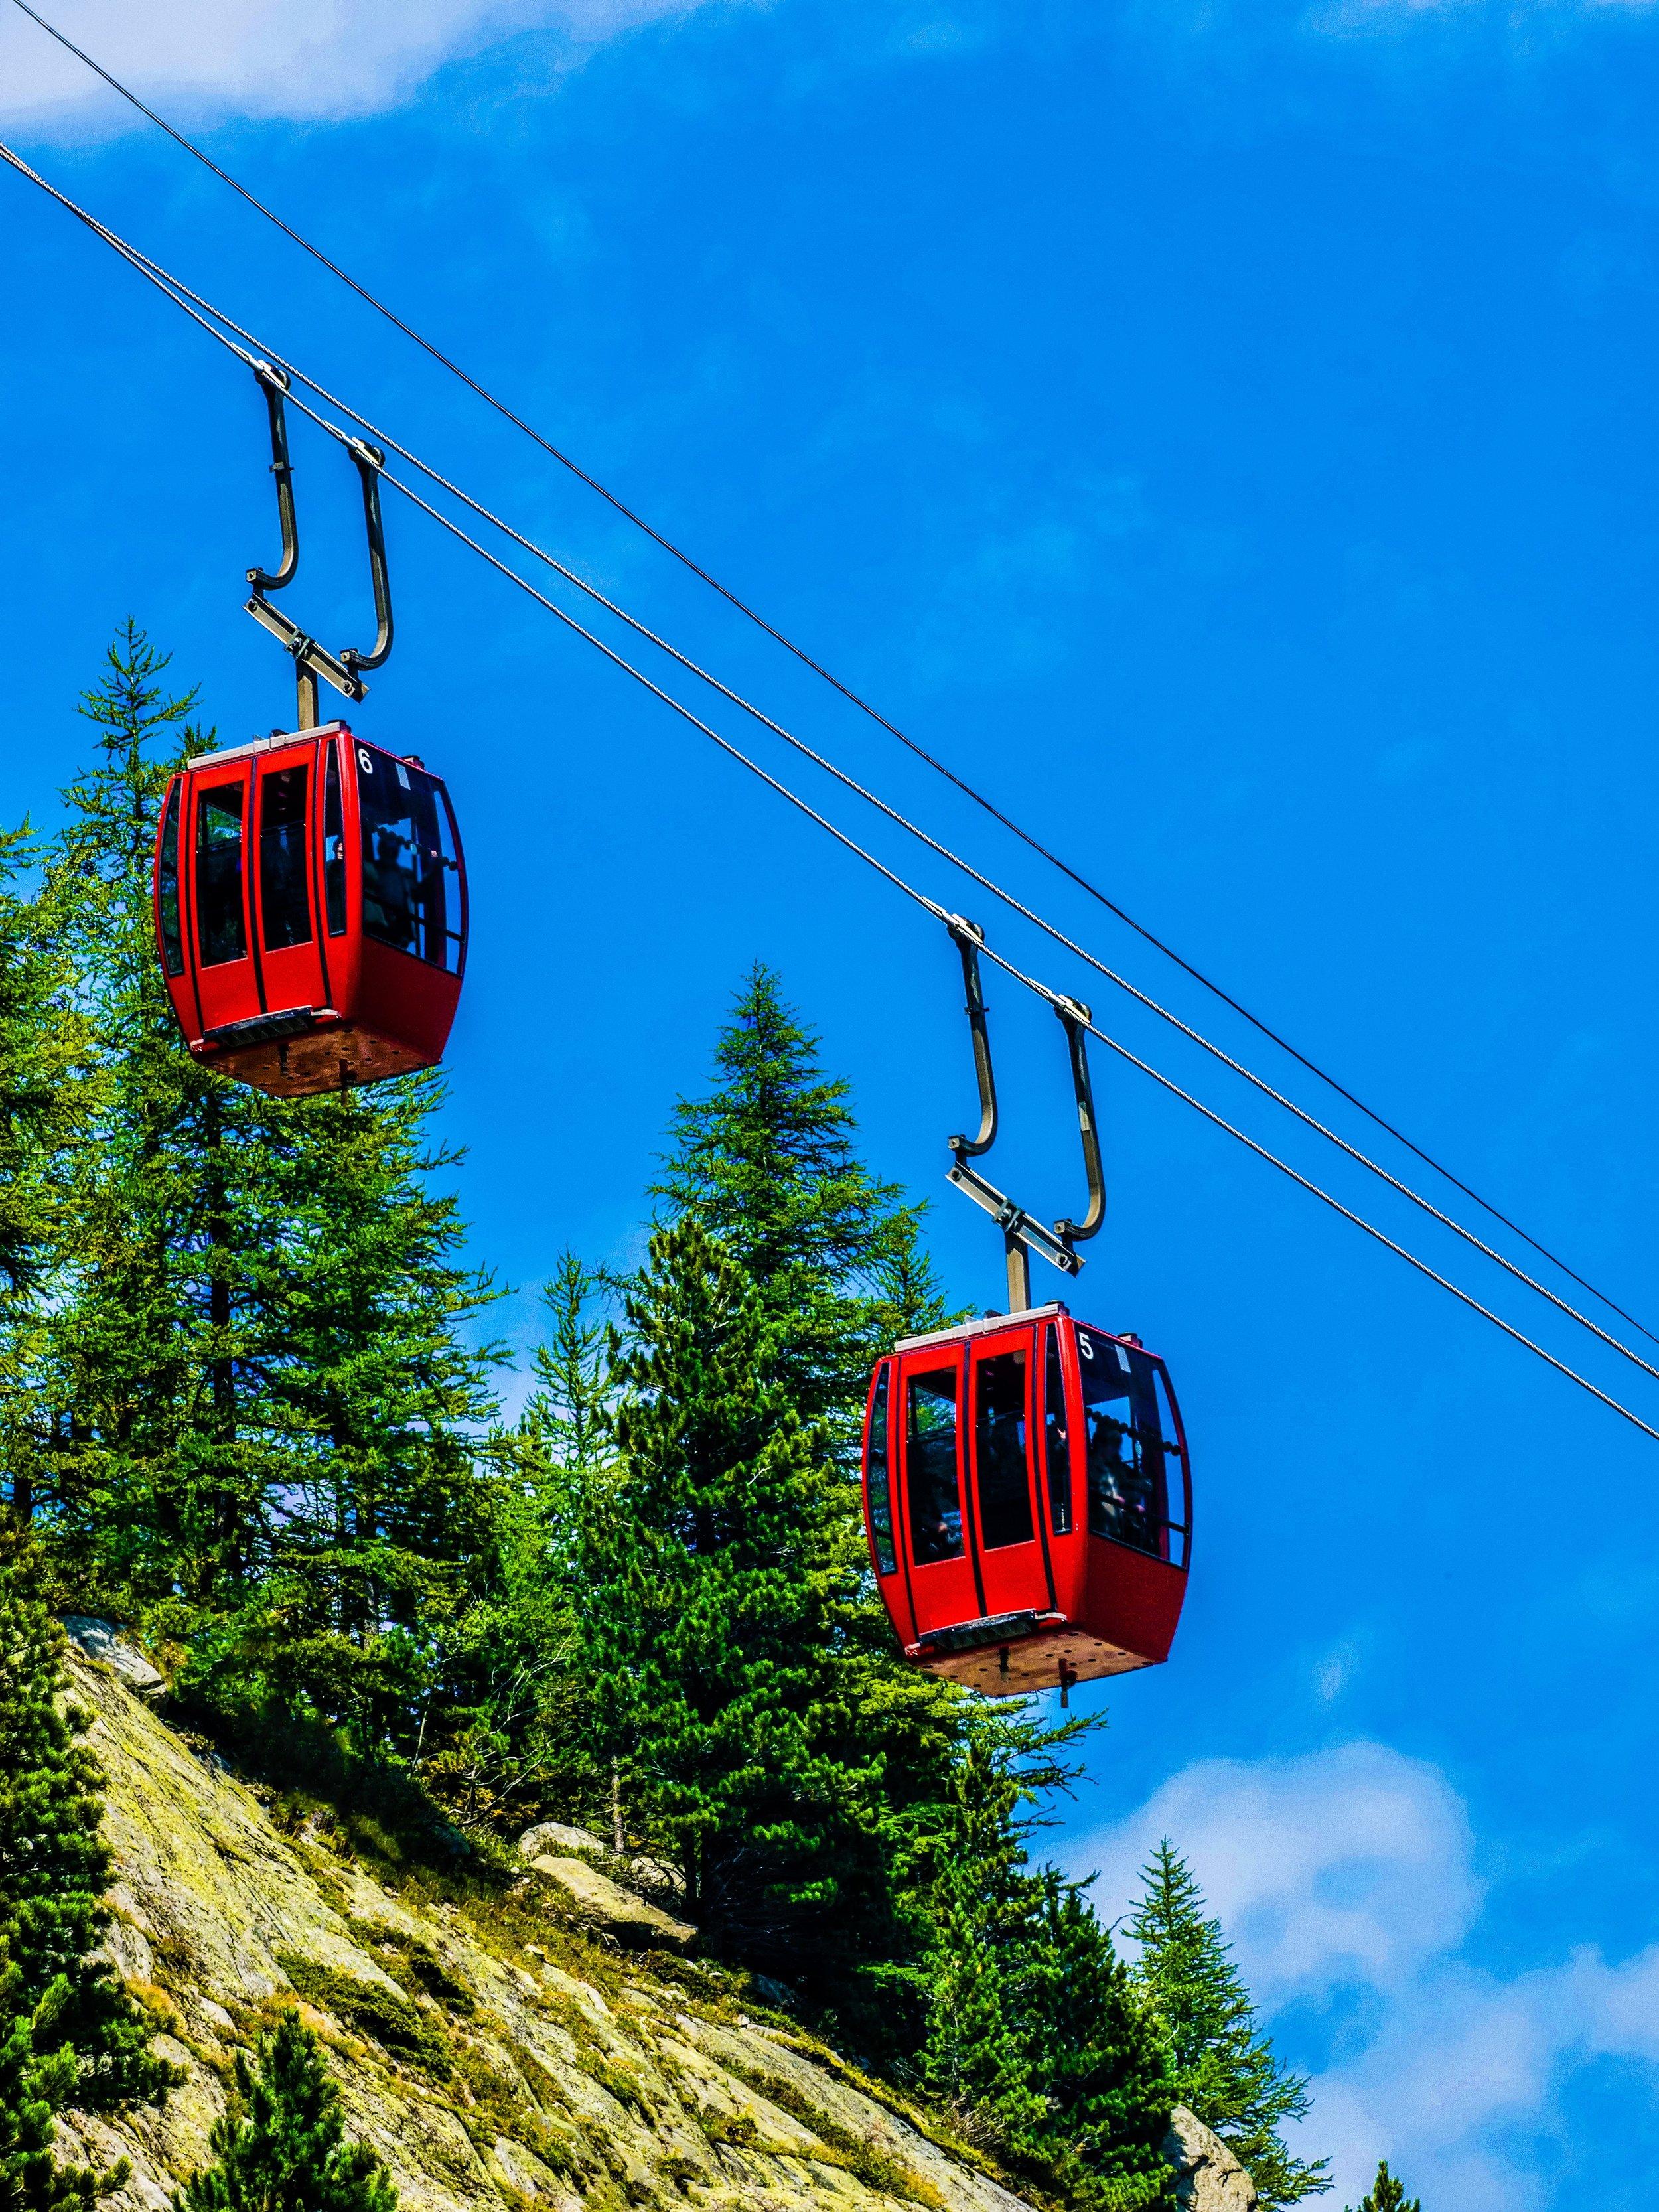 Magnificent Mont Blanc - L'été dans Les AlpesFrom £1,575